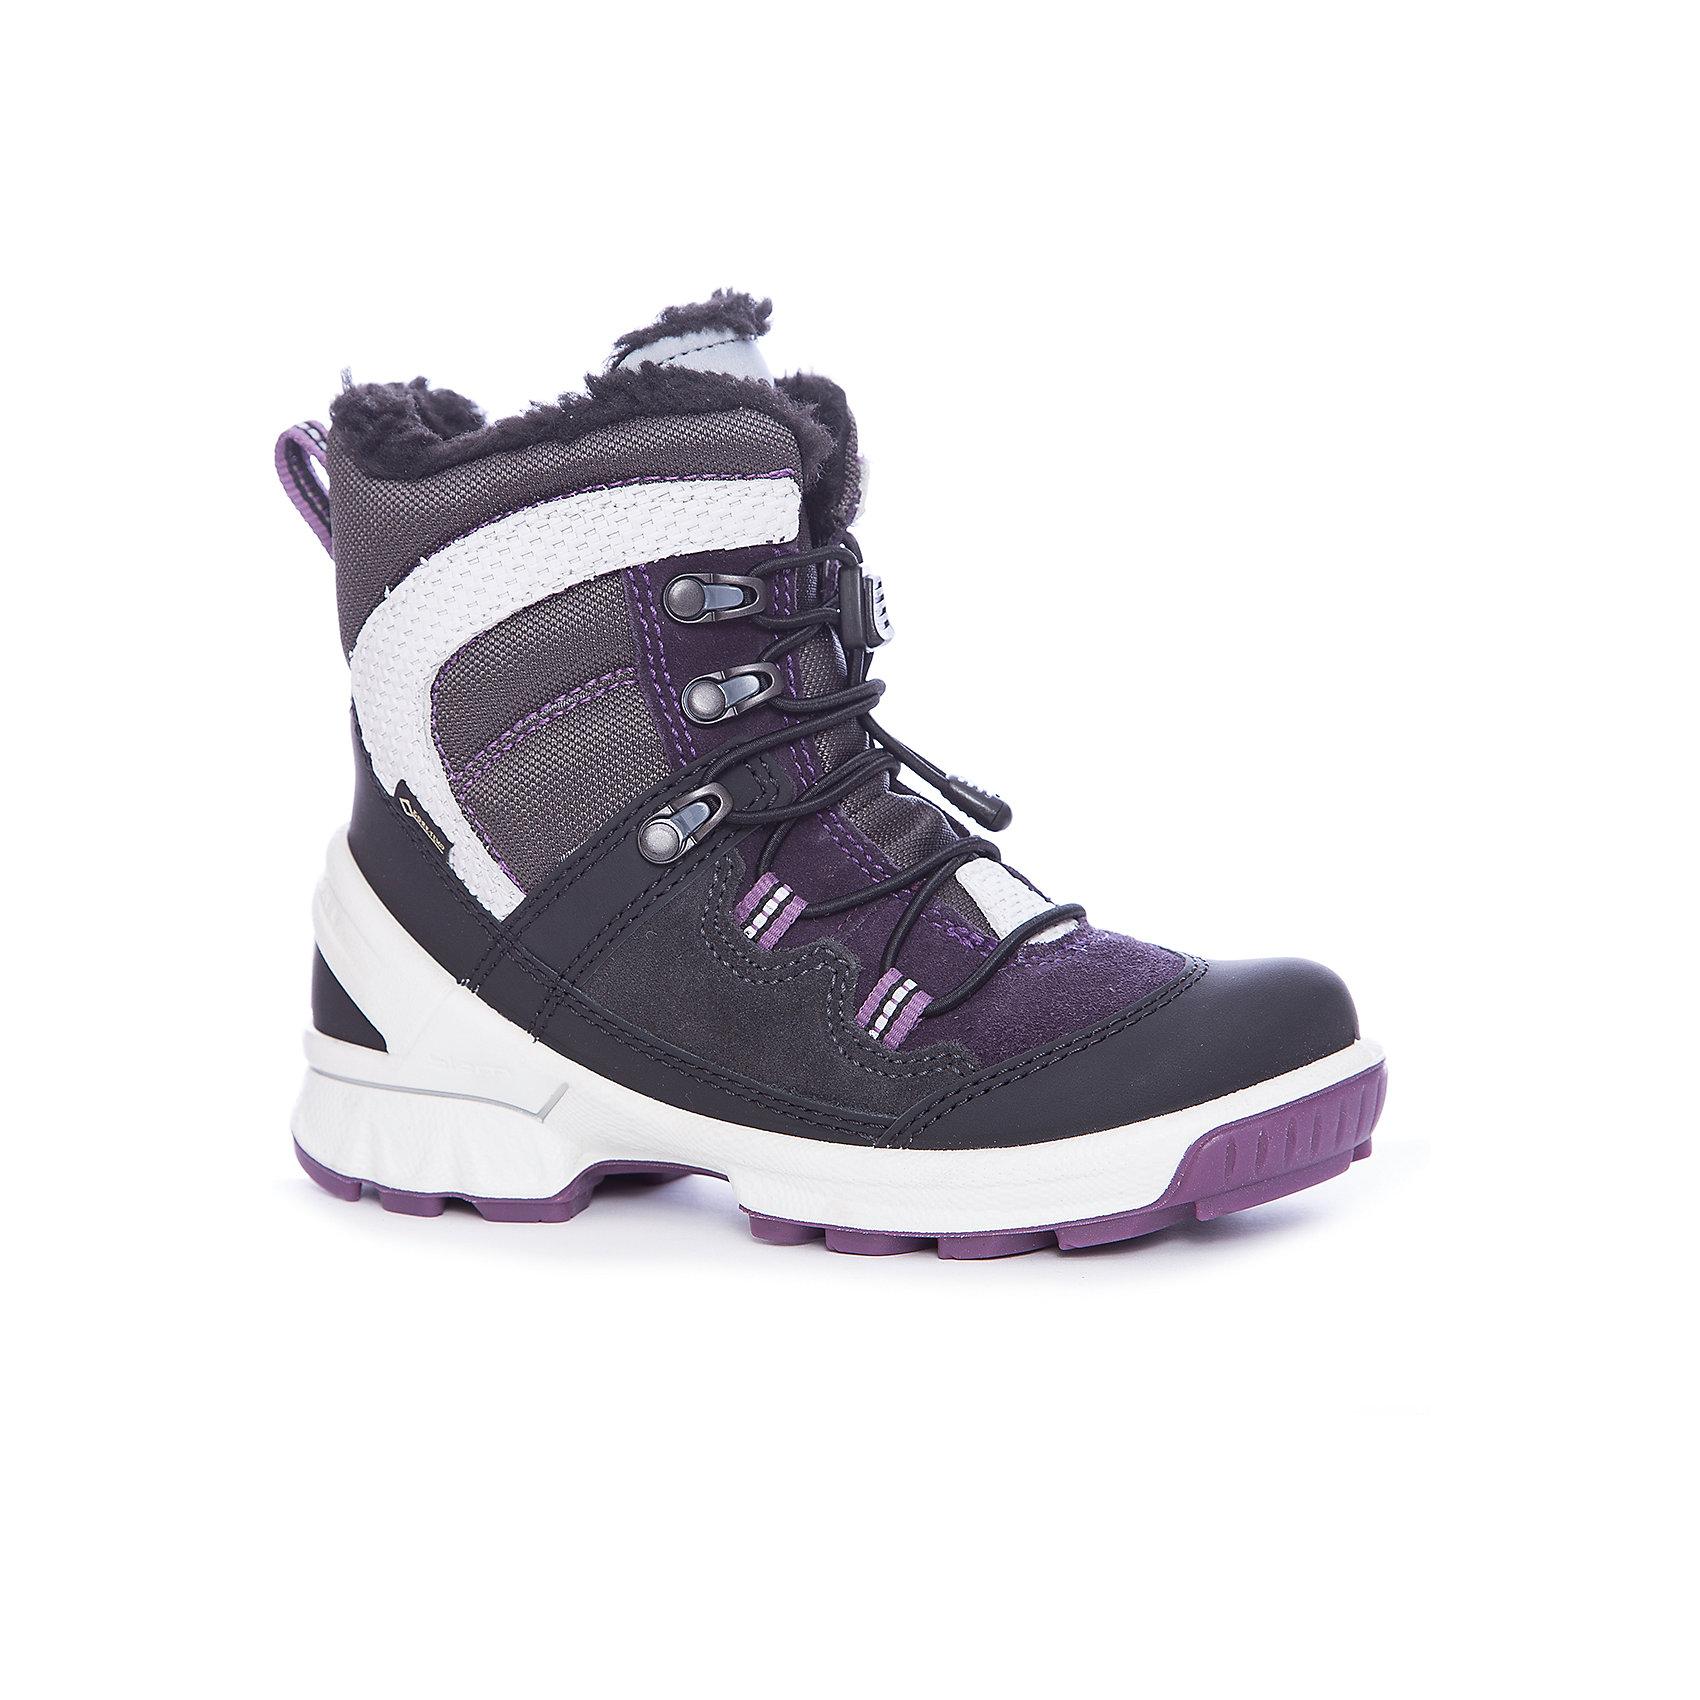 Ботинки ECCO для девочкиБотинки<br>Ботинки ECCO<br>Эта замечательная зимняя модель имеет оригинальный дизайн и яркую расцветку. 100% защита от воды и воздухопроницаемость благодаря мембране GORE-TEX®. Утепленная подкладка сохранит ноги вашего ребенка в тепле. Мягкая, теплая стелька обеспечивает оптимальный комфорт. Прочная подошва с добавлением резины обеспечивает идеальное сцепление с любой поверхностью. Светоотражающие элементы для дополнительной защиты.<br>Состав:<br>Материал верха: кожа/замша/текстиль(нейлон)<br>Материал подкладки: 60% Акрил 40% Полиэстер<br>Материал стельки: термостелька(100%п/э/50%п/э,50<br><br>Ширина мм: 262<br>Глубина мм: 176<br>Высота мм: 97<br>Вес г: 427<br>Цвет: черный<br>Возраст от месяцев: 72<br>Возраст до месяцев: 84<br>Пол: Женский<br>Возраст: Детский<br>Размер: 30,35,31,32,33,34<br>SKU: 7129734